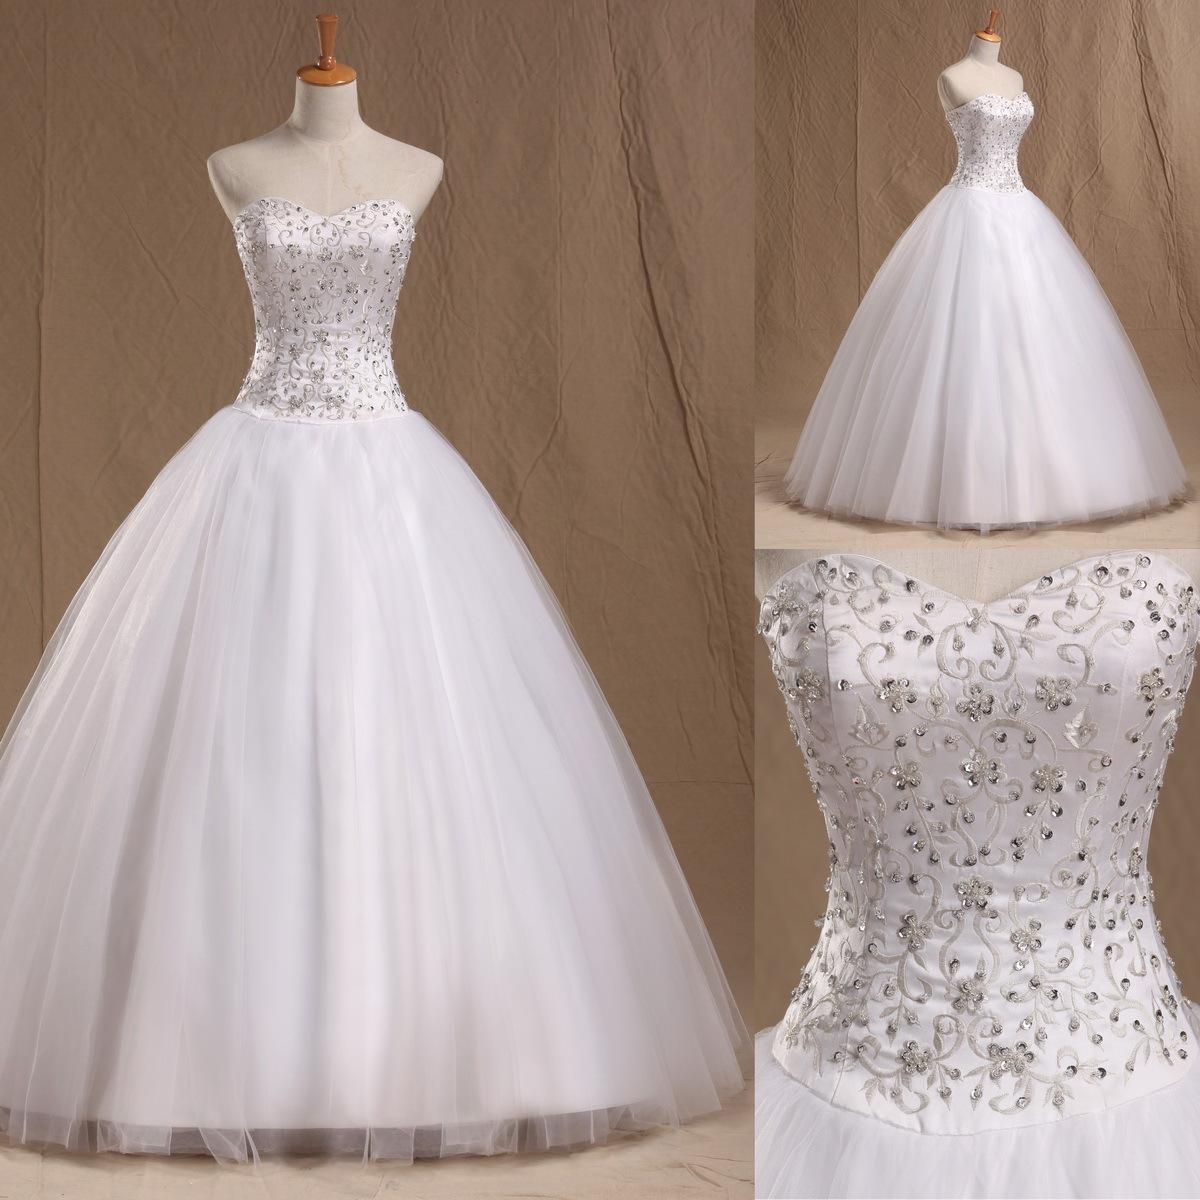 Wedding Dresses Donations 46Wedding Dresses Donations   High Cut Wedding Dresses. Donating Wedding Dresses. Home Design Ideas